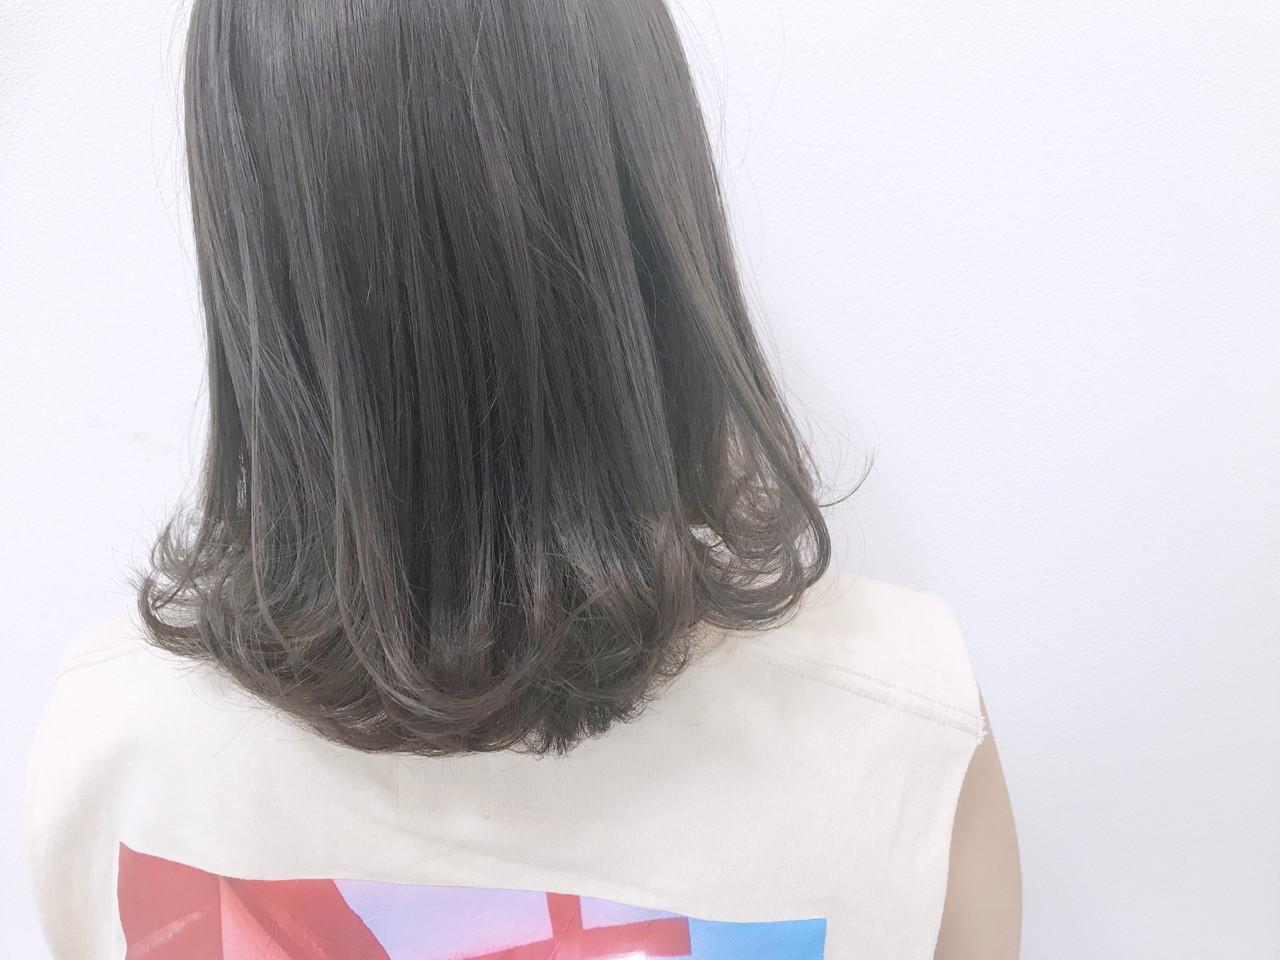 エフォートレス ミルクティーベージュ ミディアム フェミニン ヘアスタイルや髪型の写真・画像